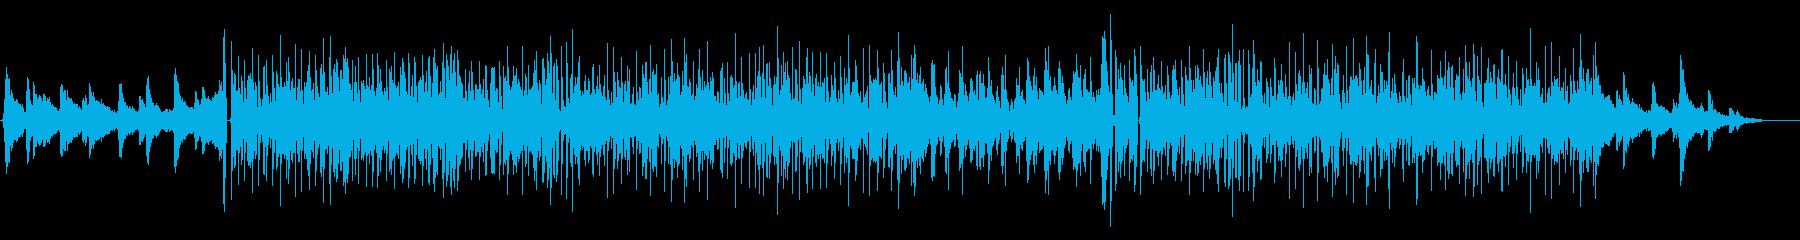 ミドルテンポで軽快なソウル調の曲の再生済みの波形